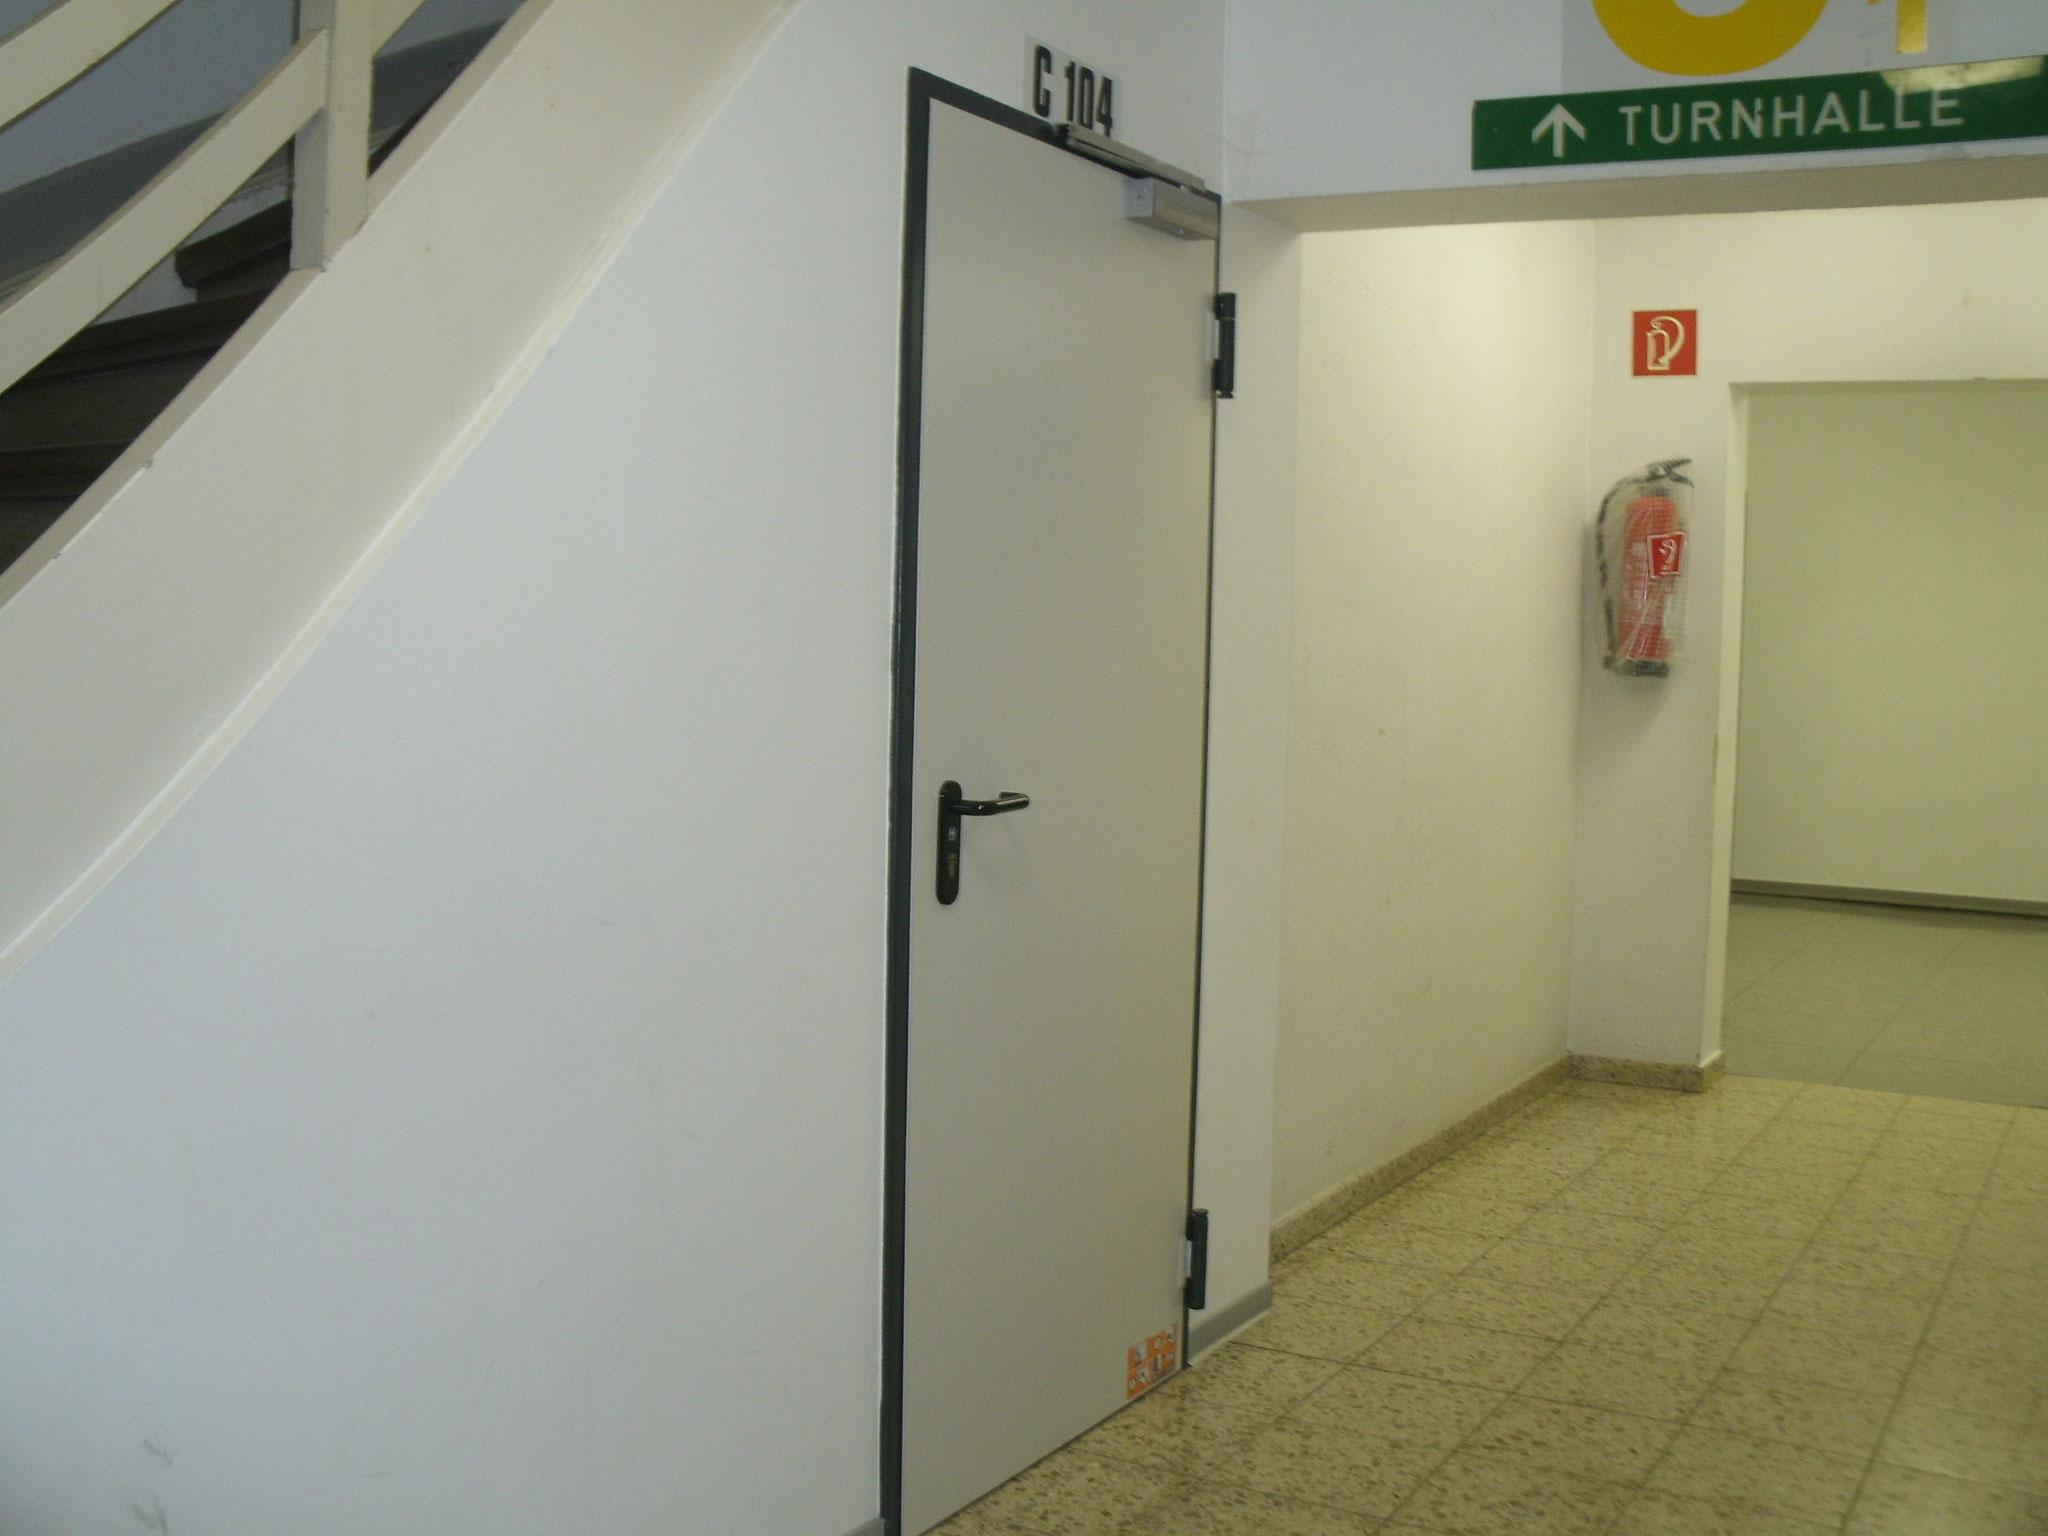 Die Tür auf dem Weg zur Turnhalle.